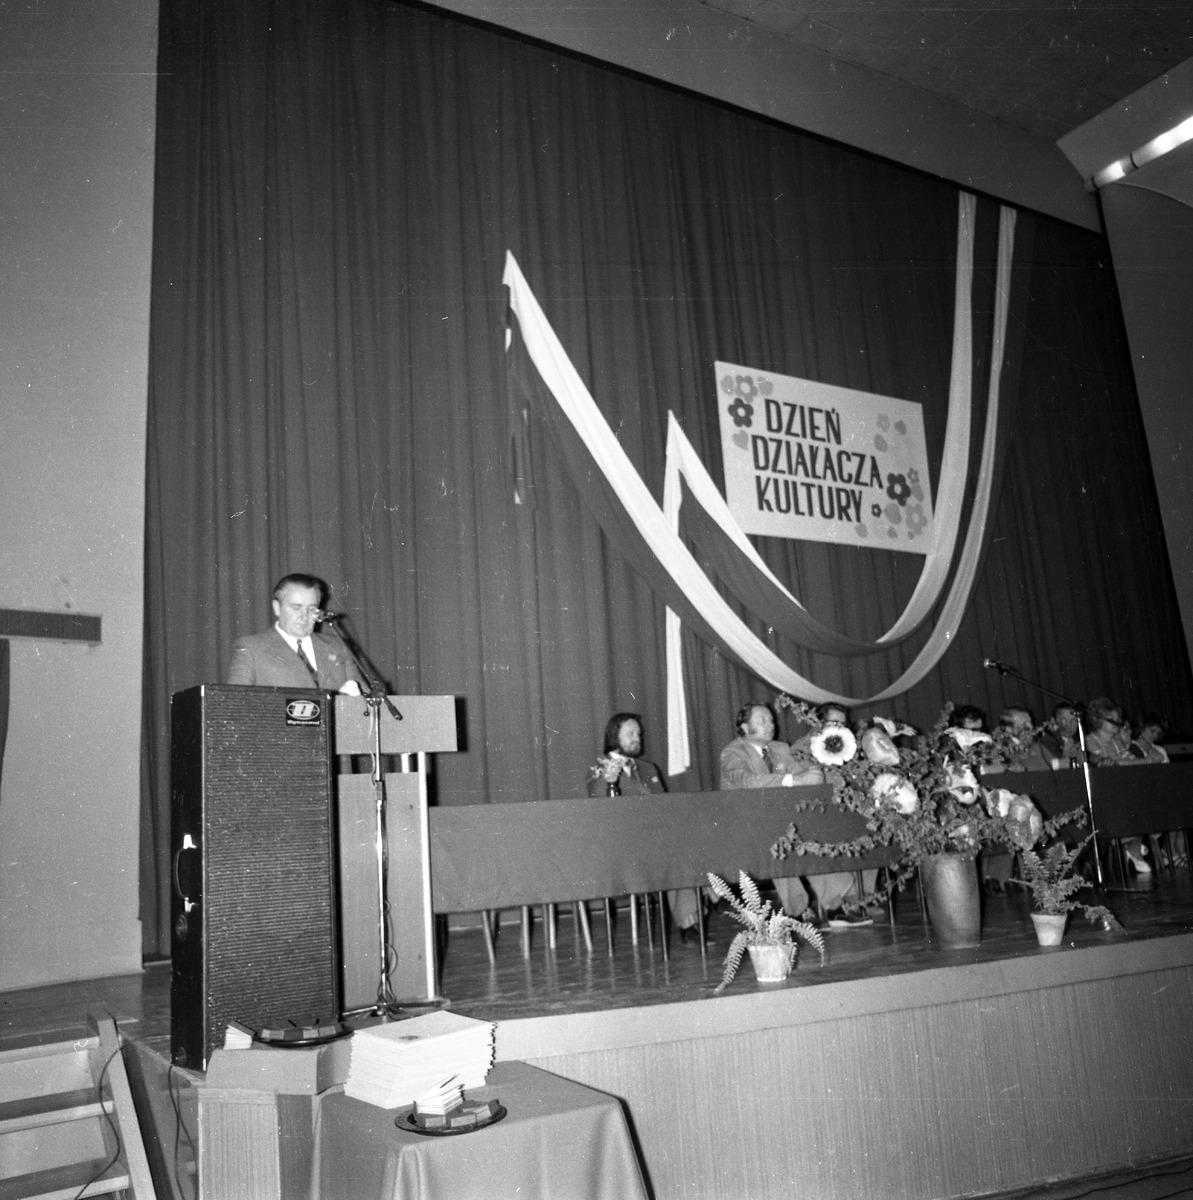 Dzień Działacza Kultury, 1976 r.